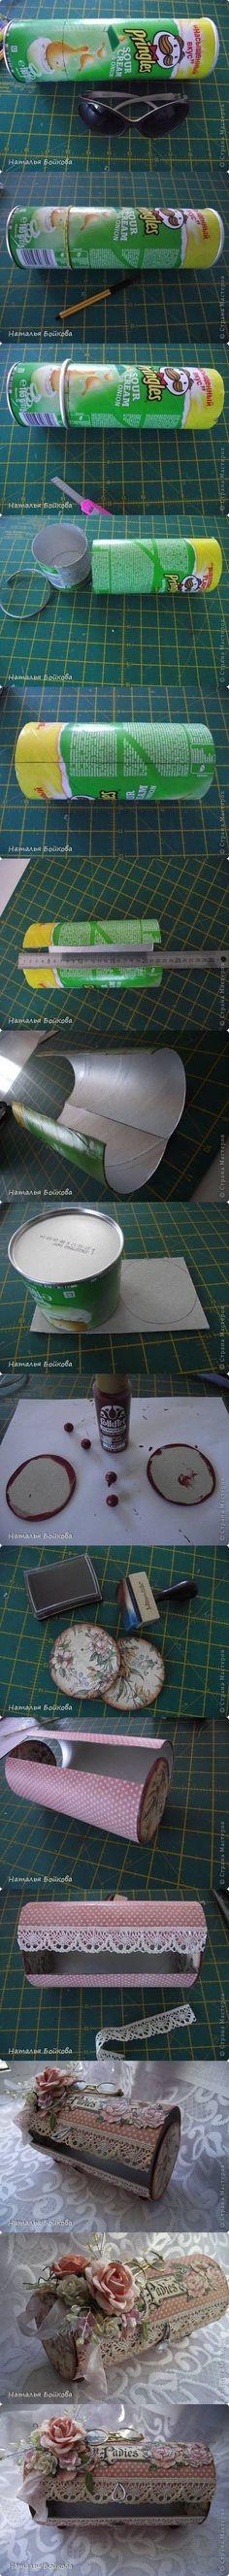 DIY Pretty Vintage Box from Pringles Can #craft #recycle:  UNA CAJITA VINTAGE